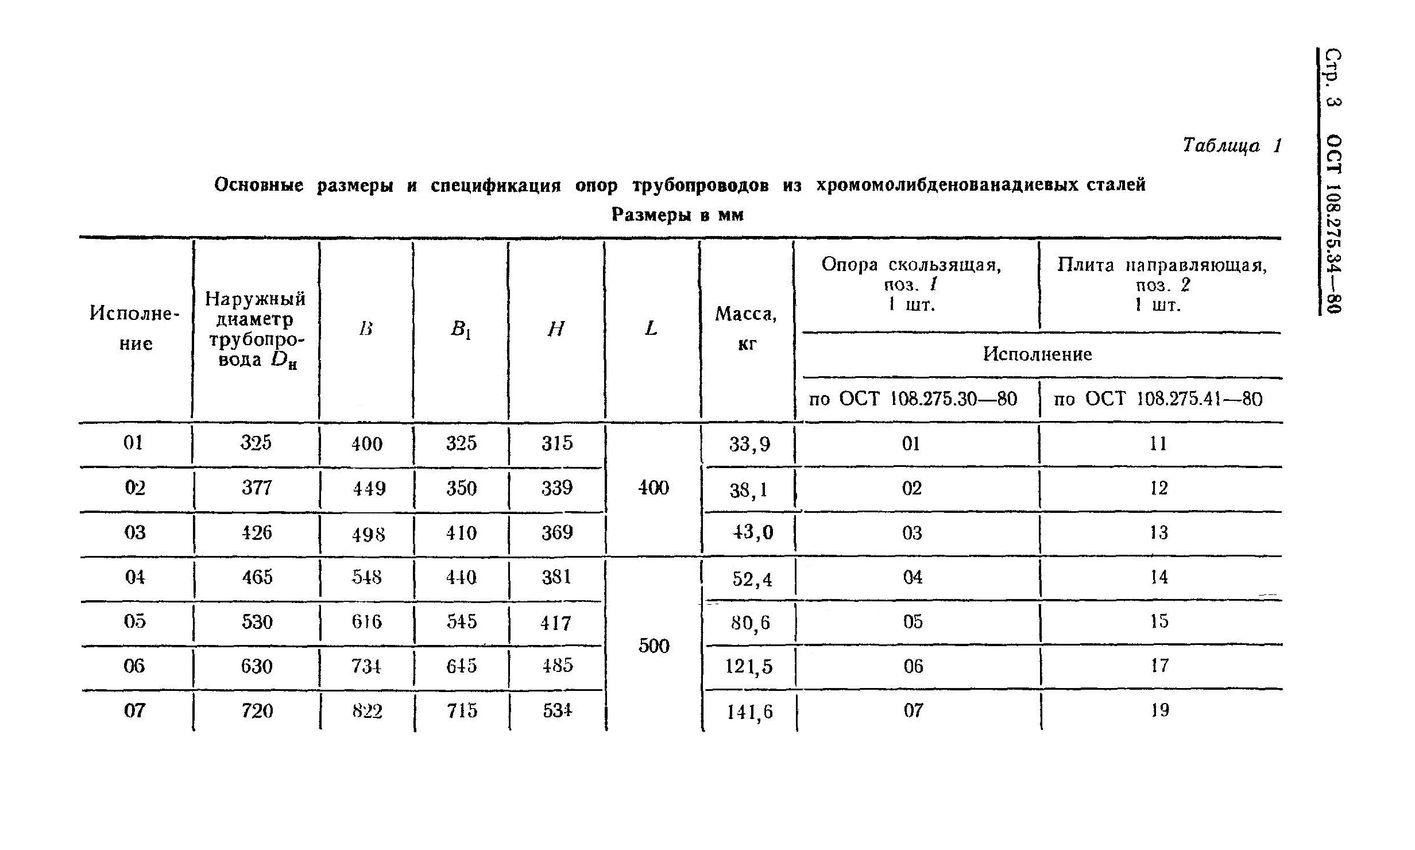 Опоры скользящие направляющие ОСТ 108.275.34-80 стр.3